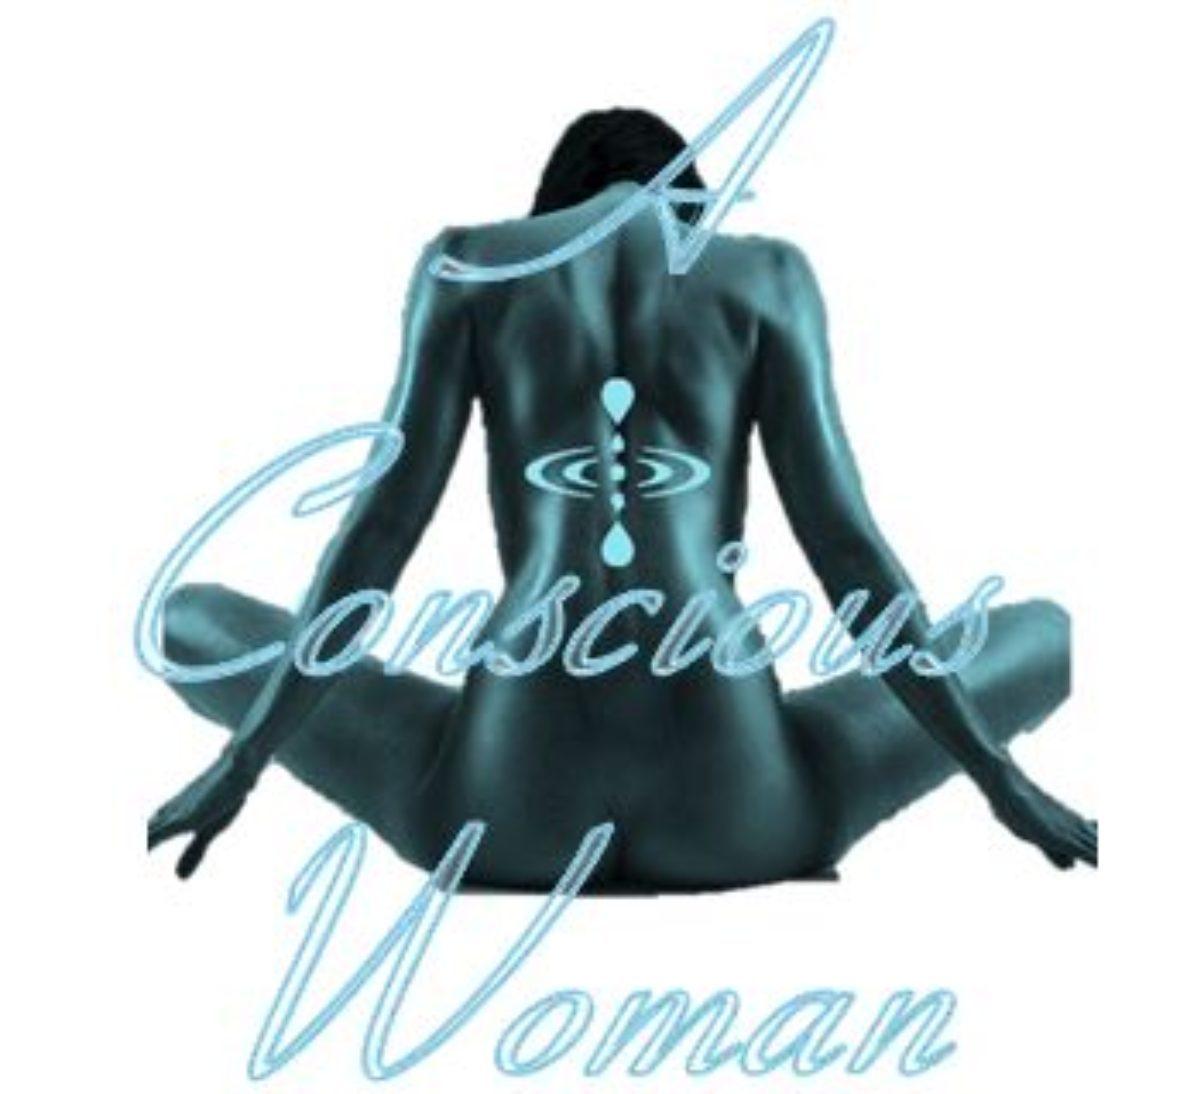 A Conscious Woman